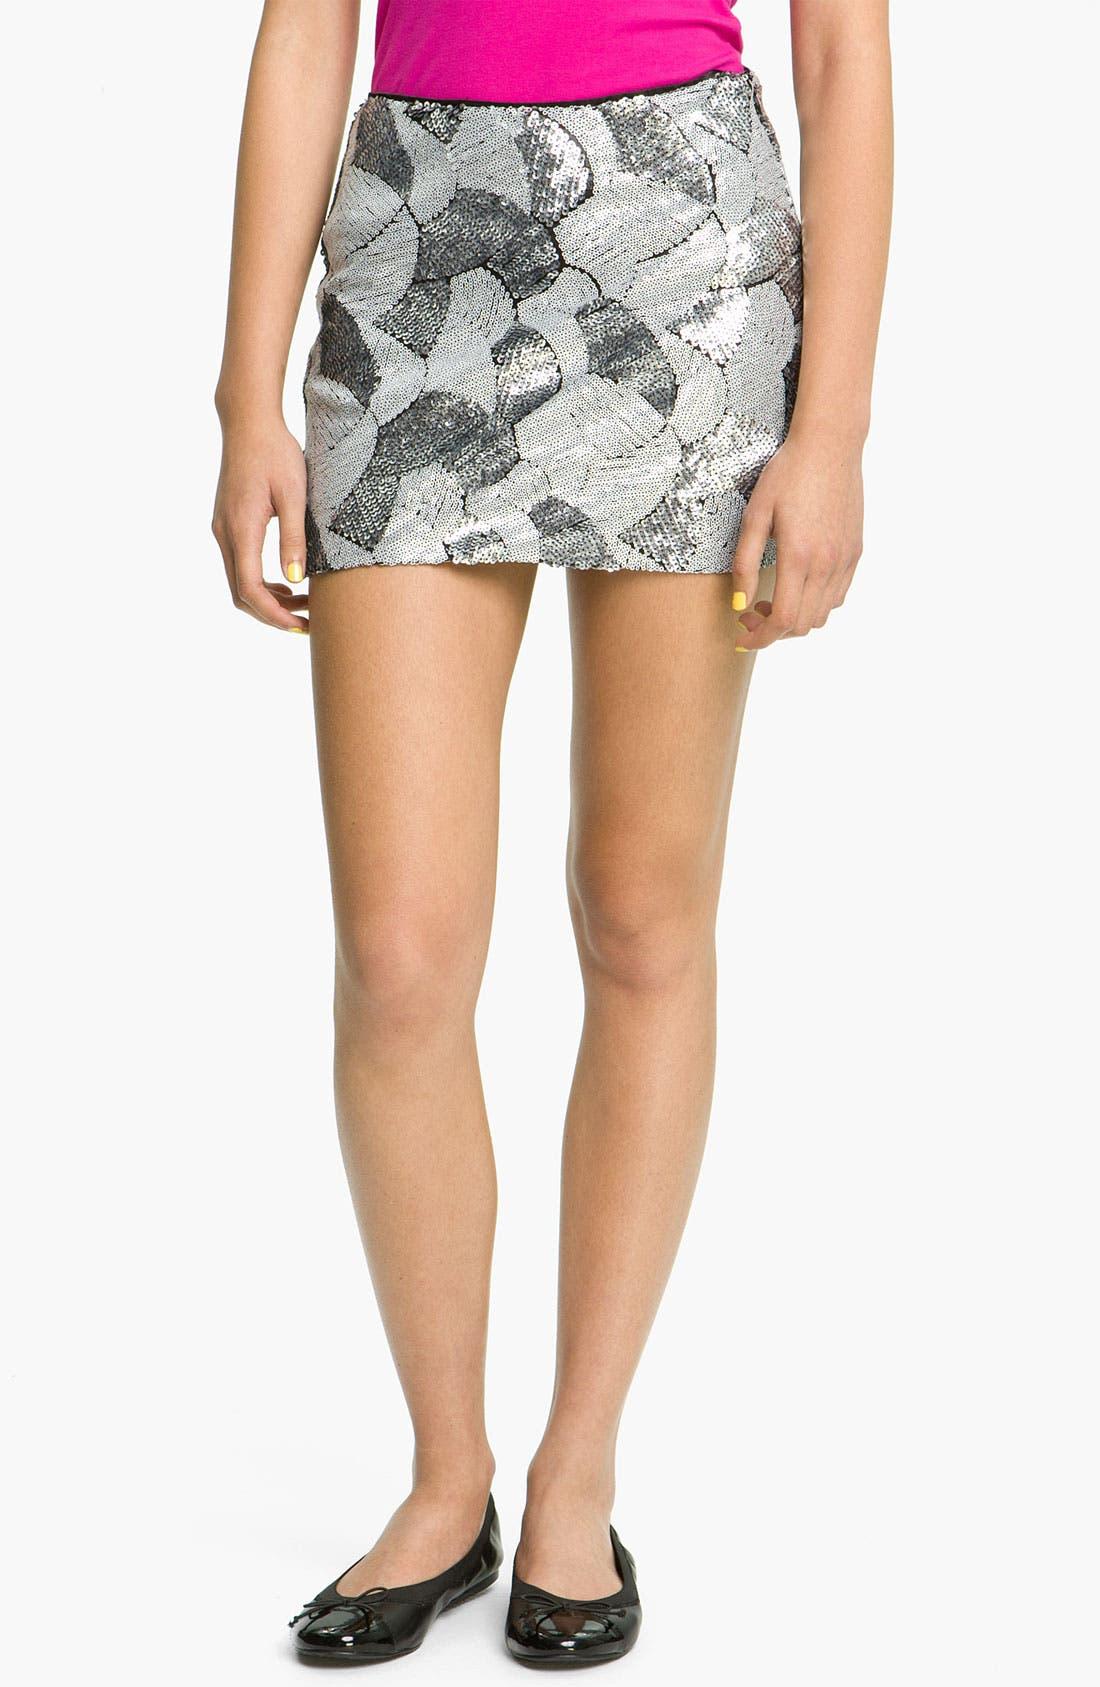 Alternate Image 1 Selected - Freehug Sequin Miniskirt (Juniors)